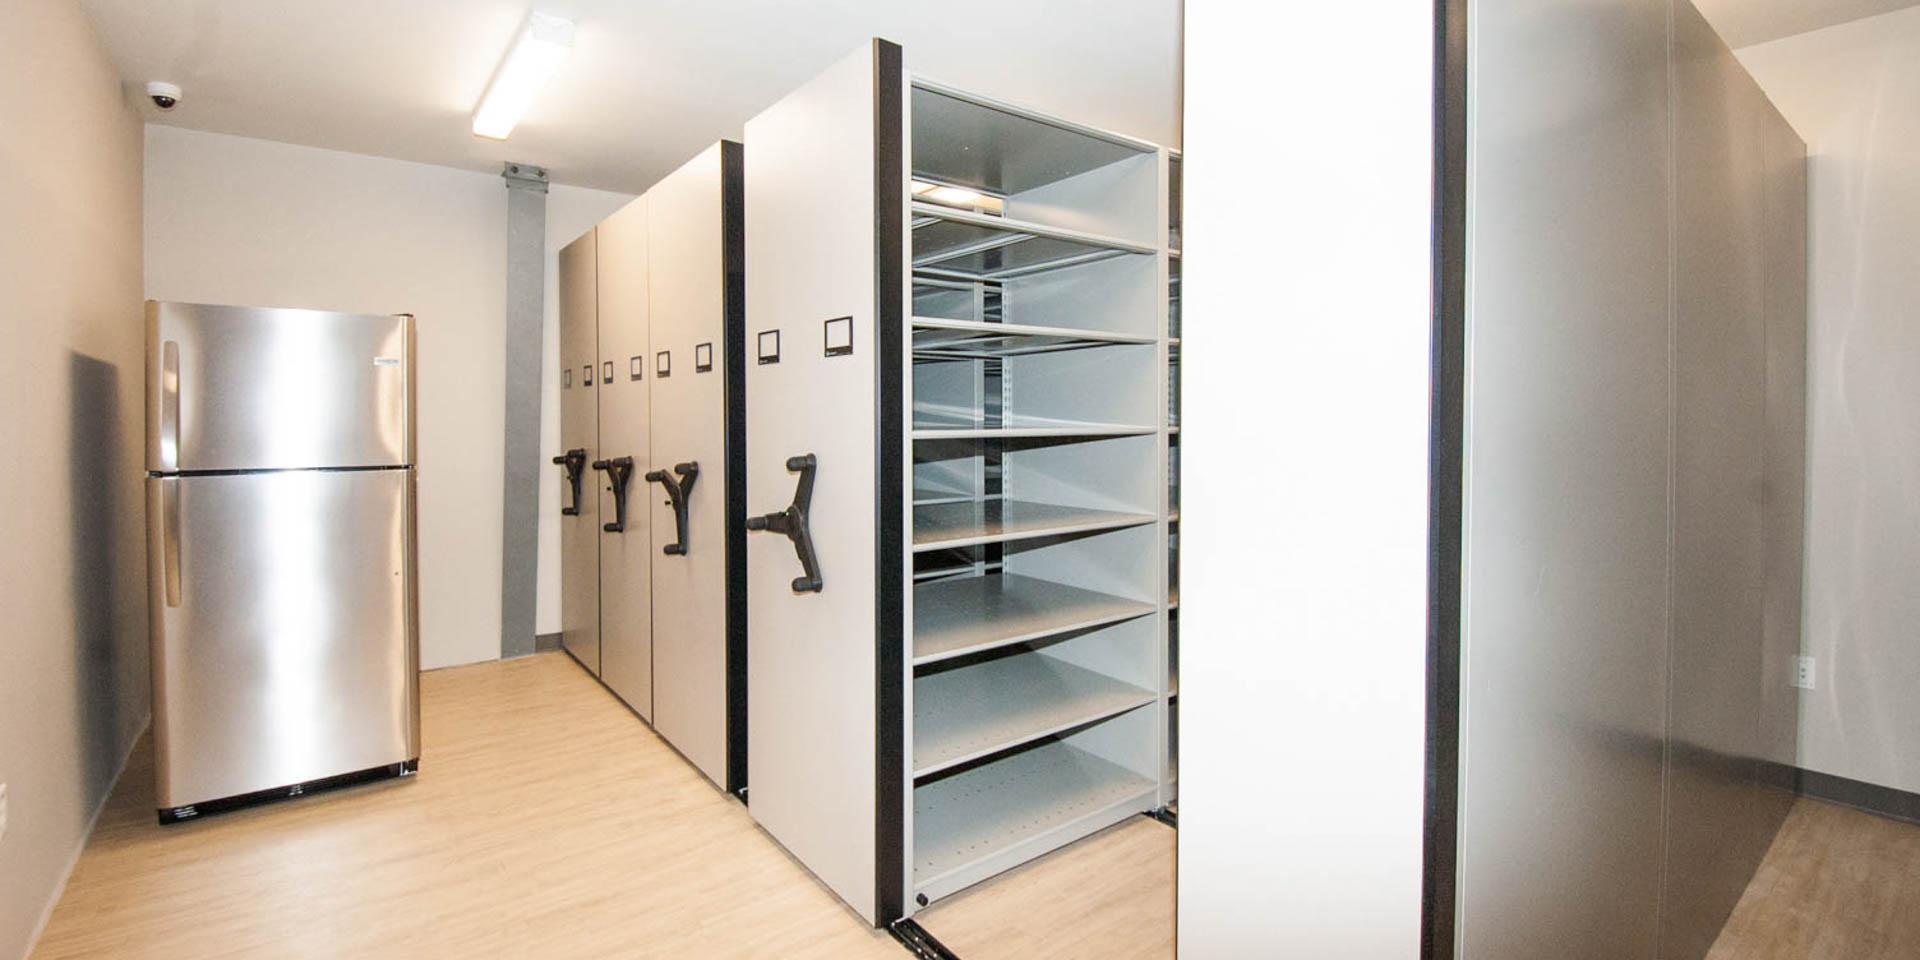 26 Storage